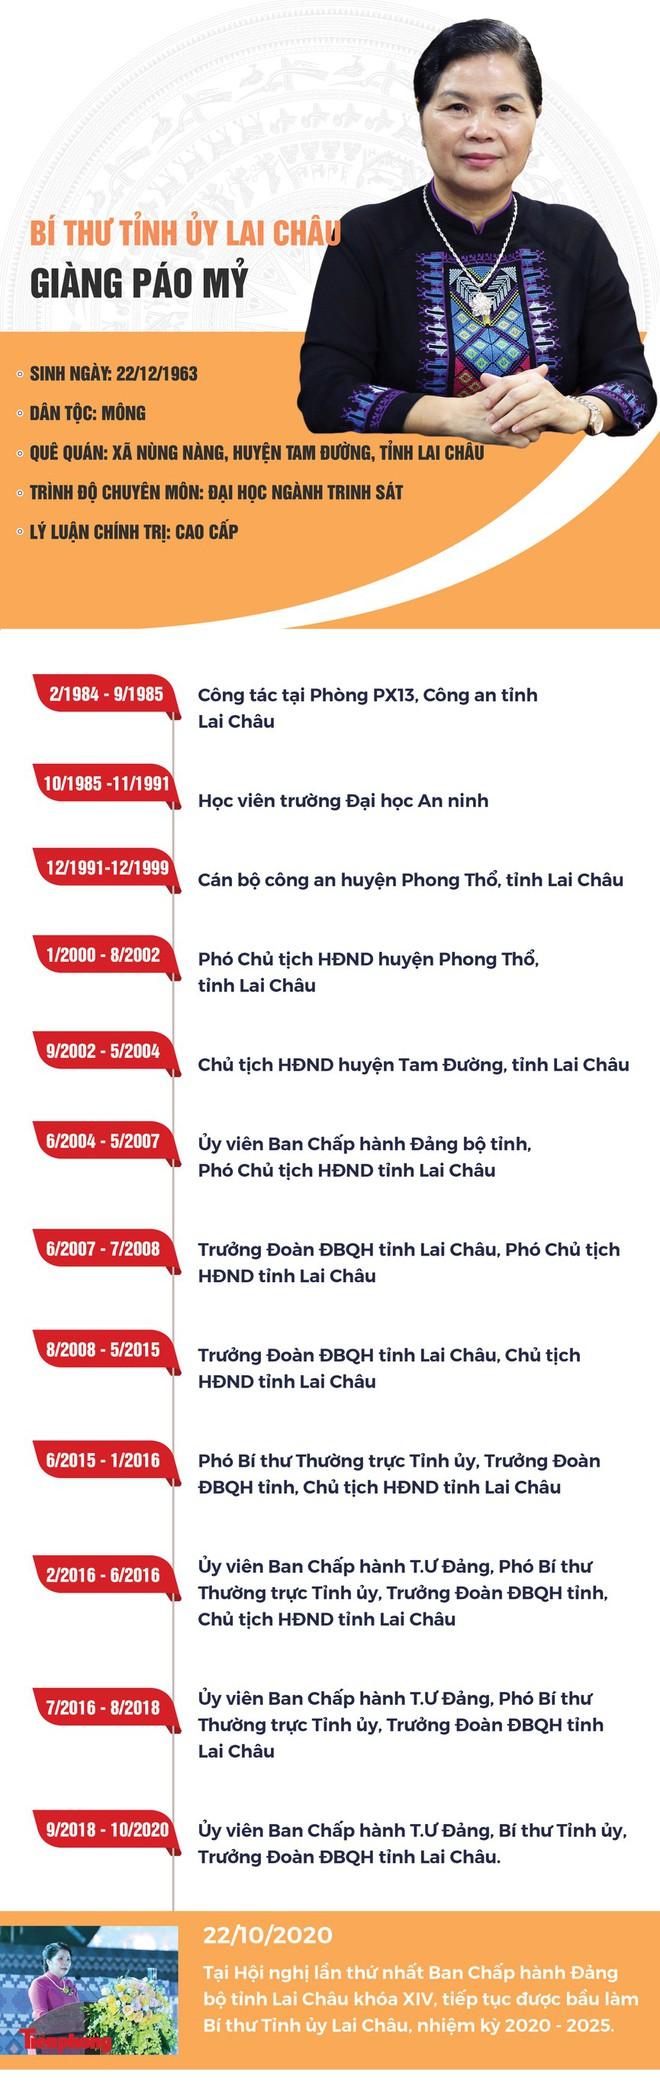 Chân dung nữ Bí thư Tỉnh ủy Lai Châu trưởng thành từ ngành công an - Ảnh 1.